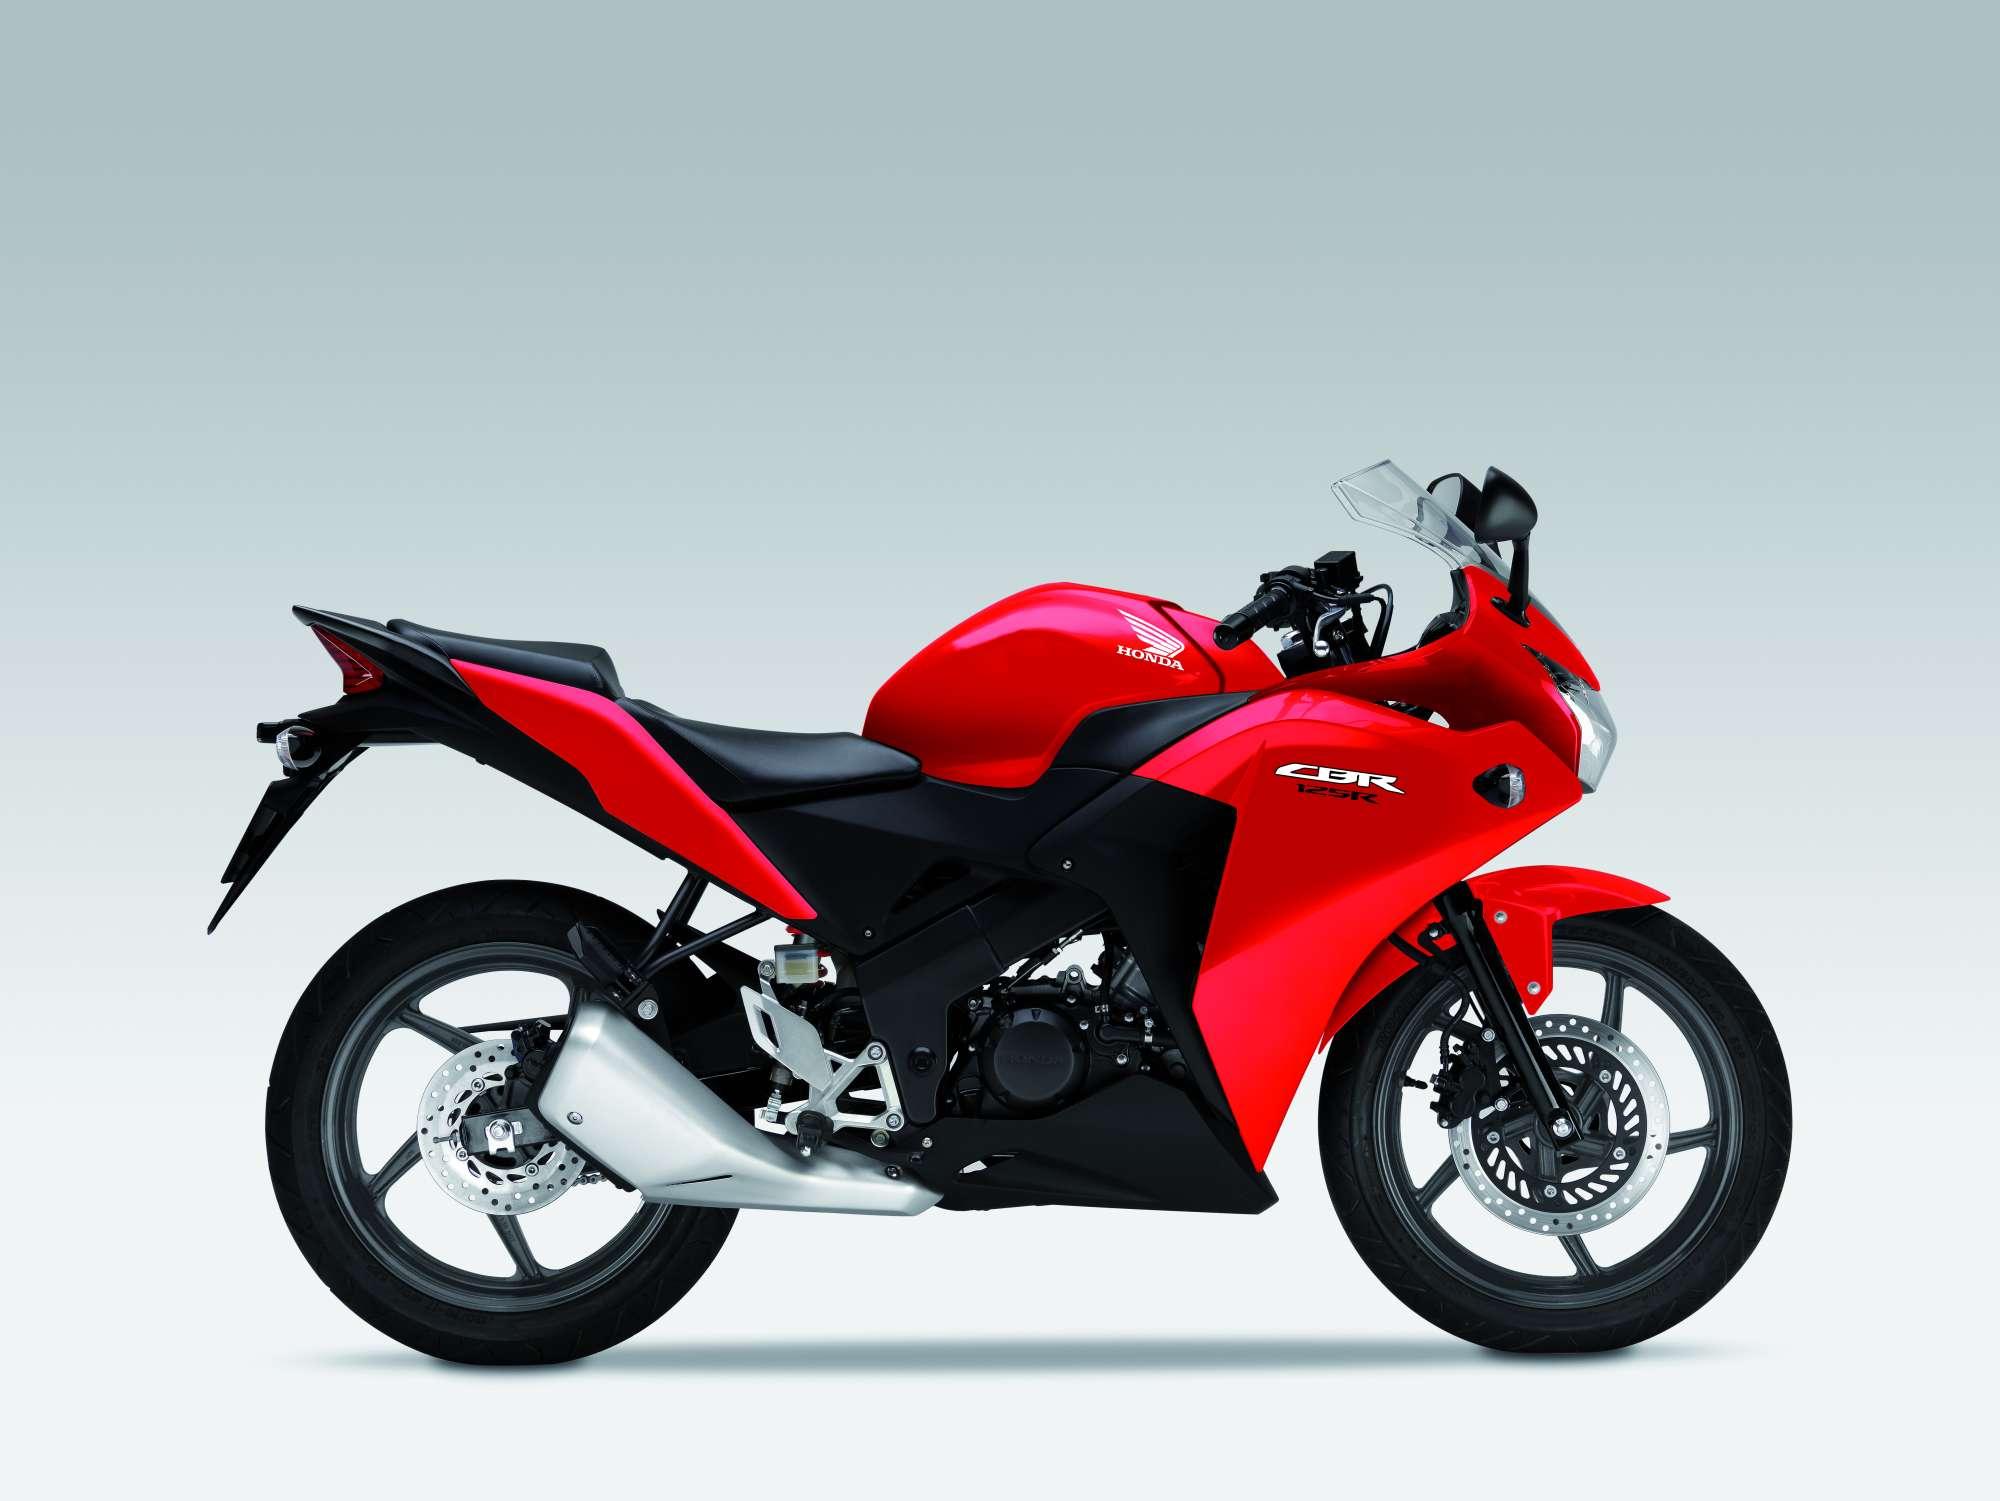 Honda Cbr 125 R Baujahr 2013 Bilder Und Technische Daten